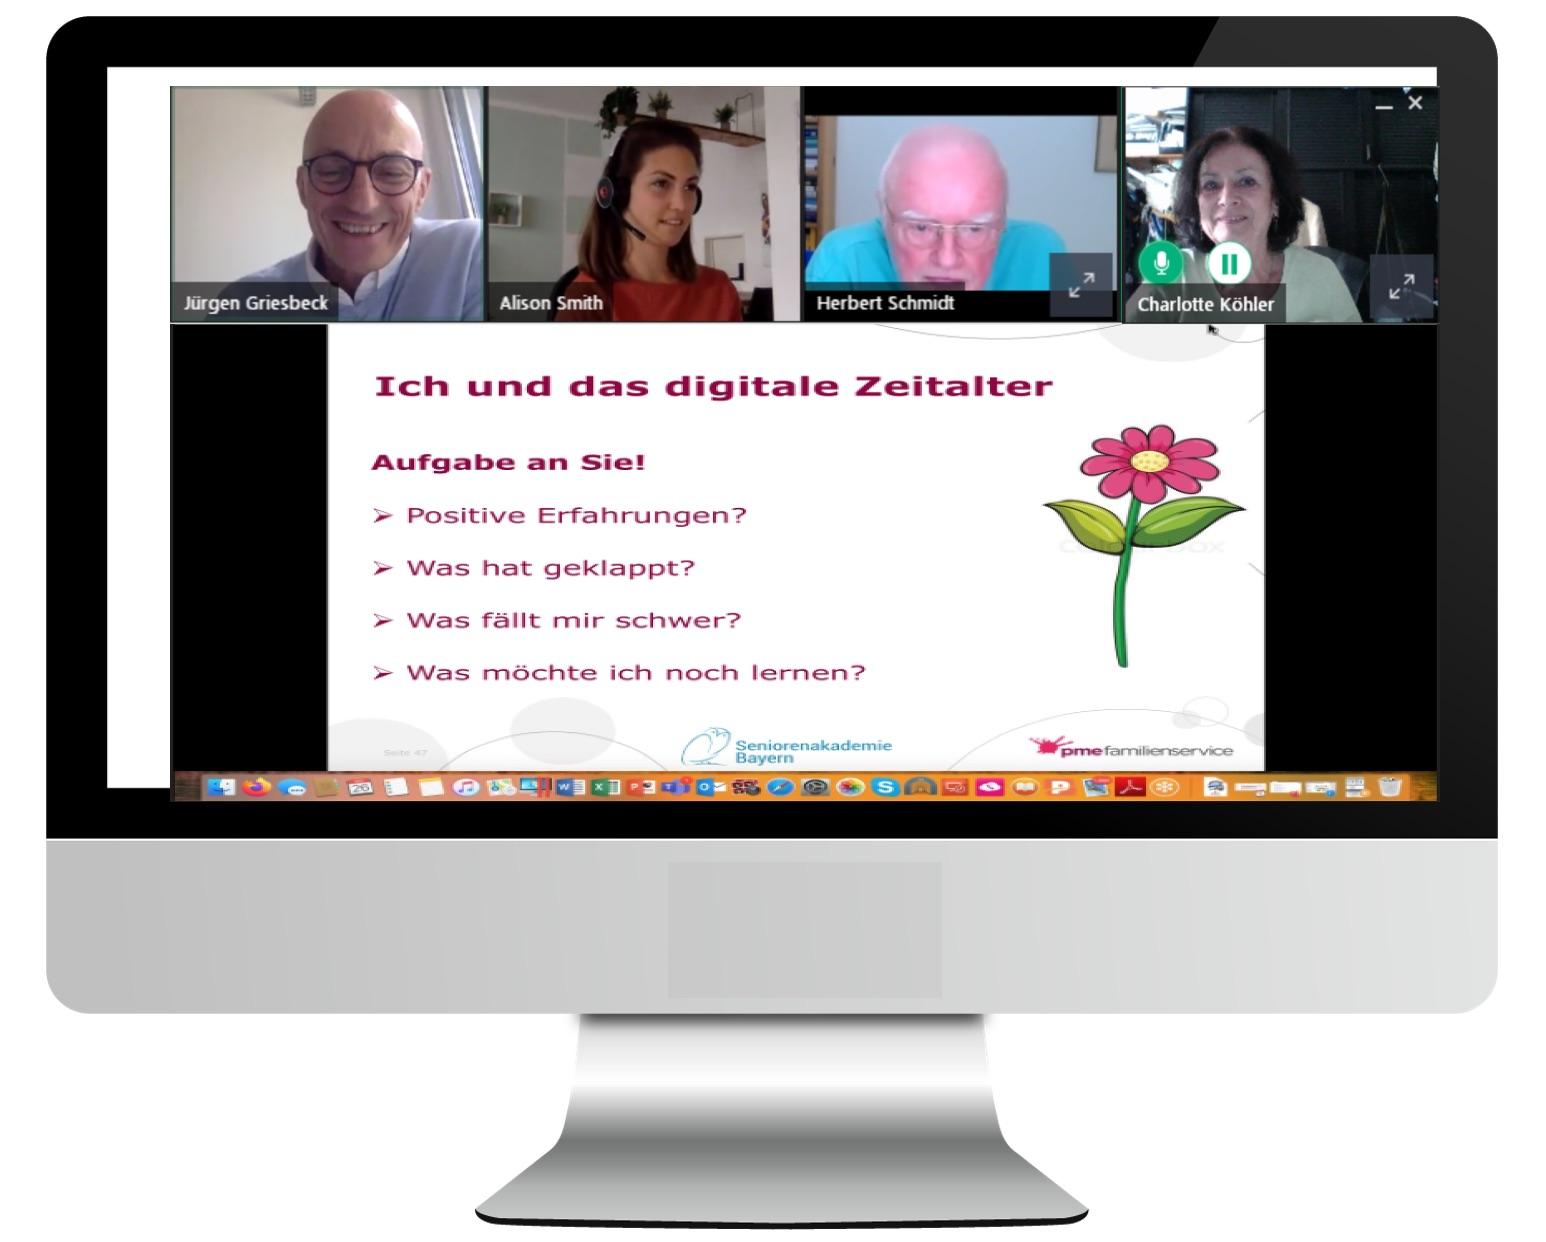 Details | efi-bayern/Webinar_Screen2.jpg